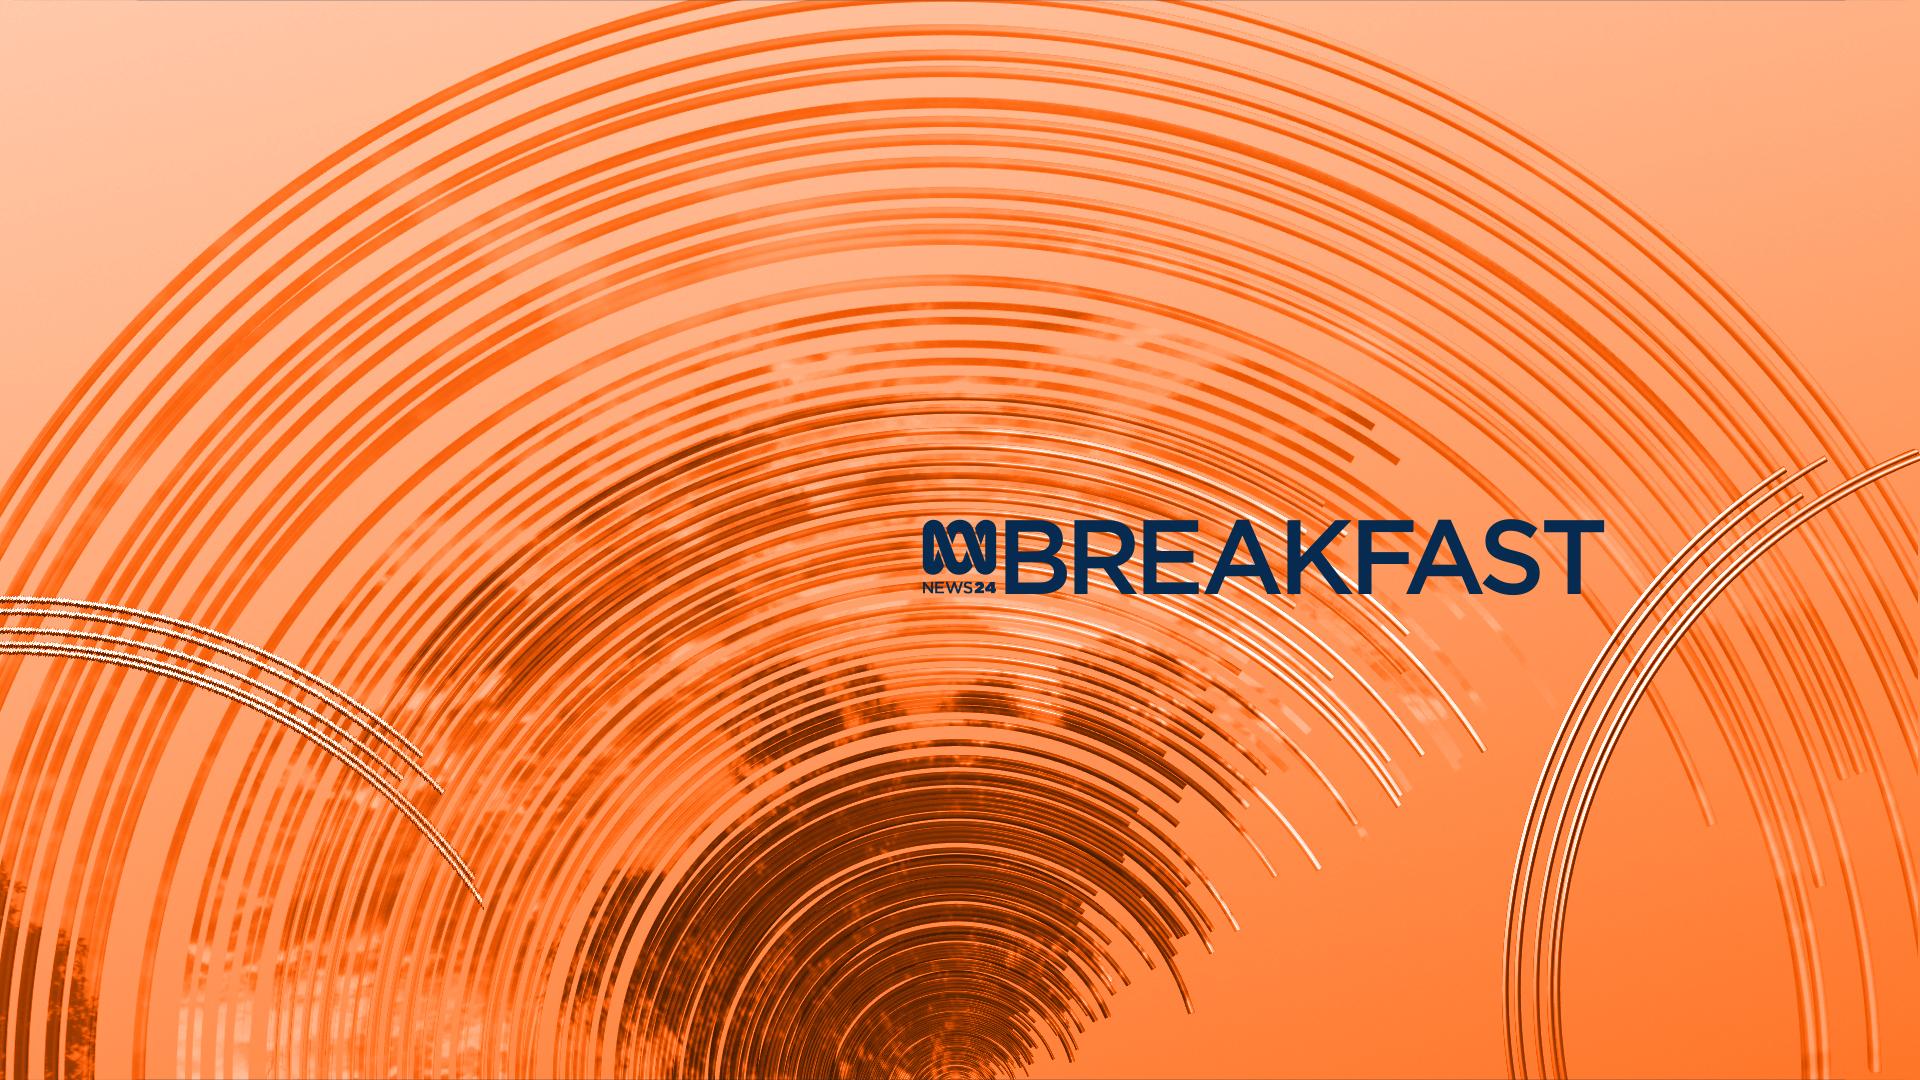 ABC_NEWS_BREAKFAST_Styleframe_v09